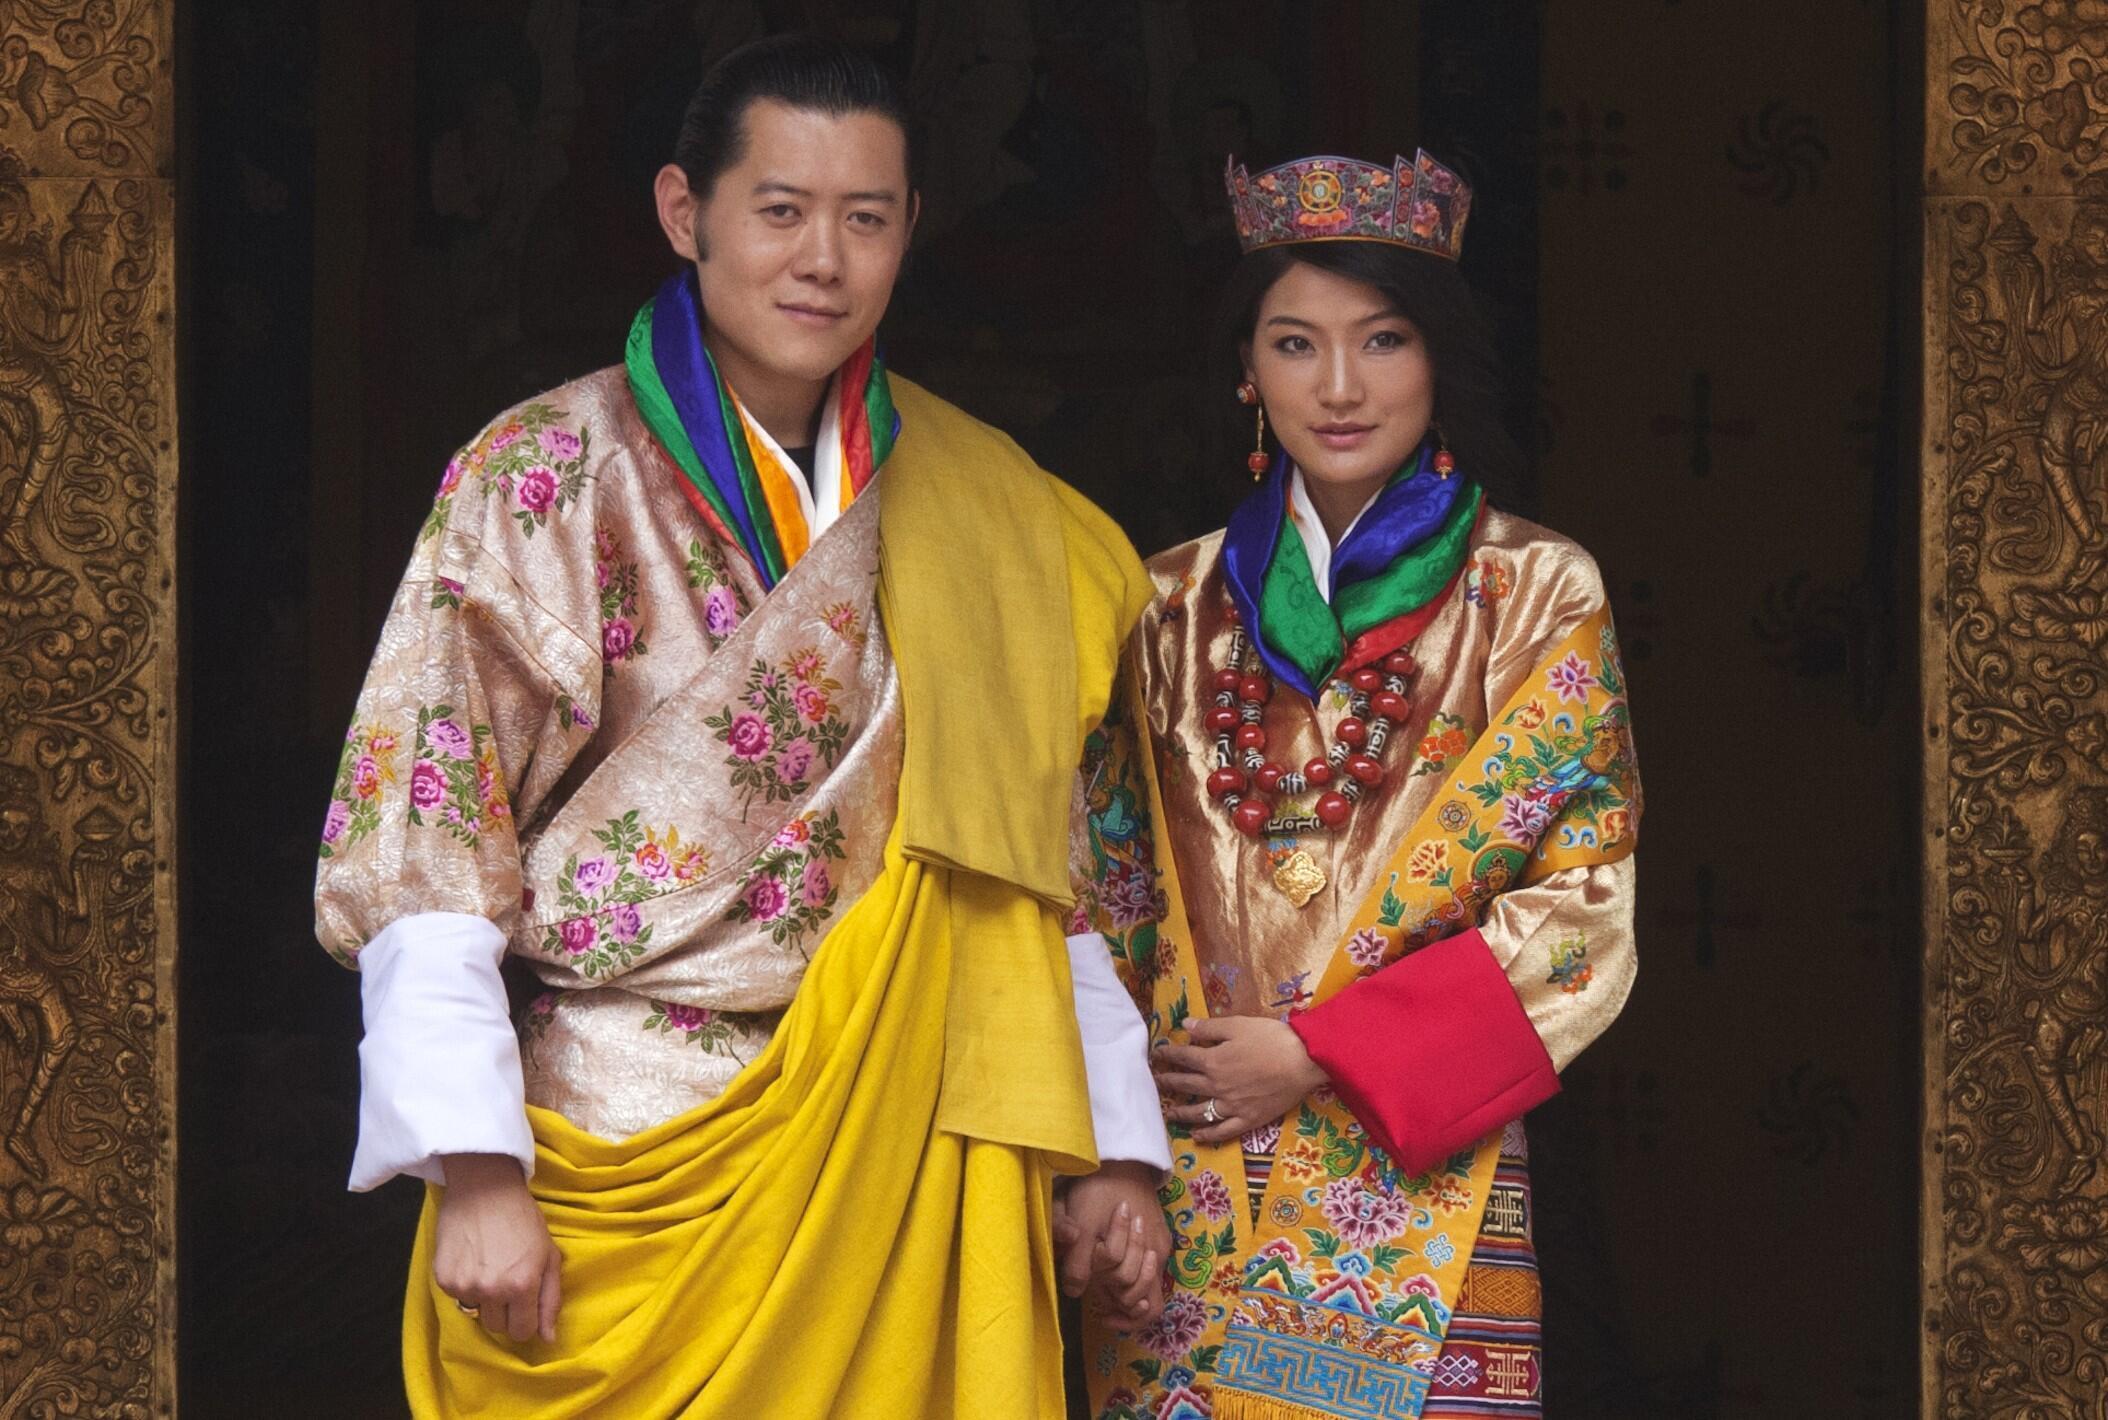 不丹王国国王旺楚克2011年10月13日与一位21岁的平民女大学生吉增佩玛举行婚礼。